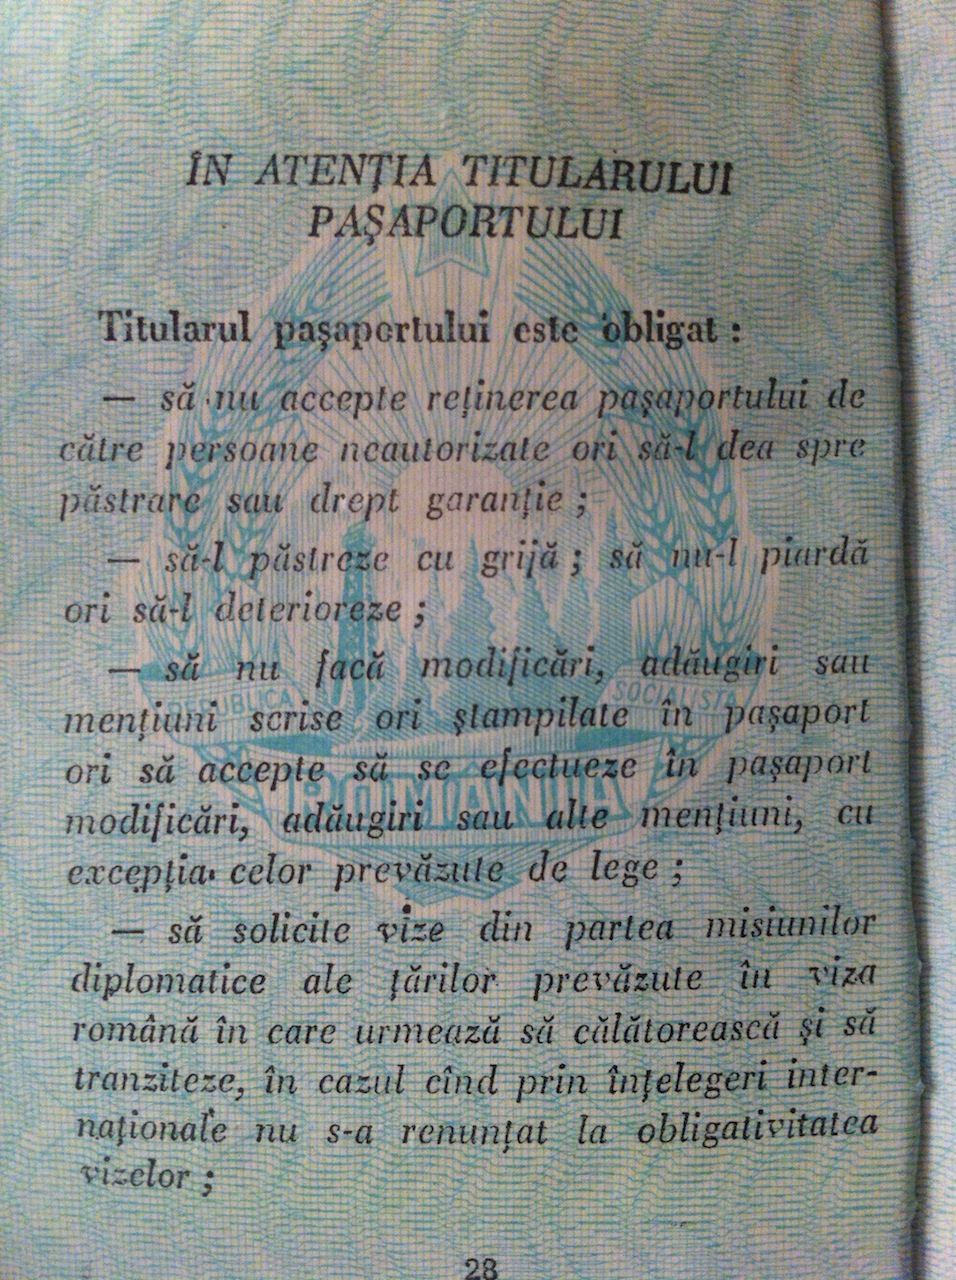 pasaport 8